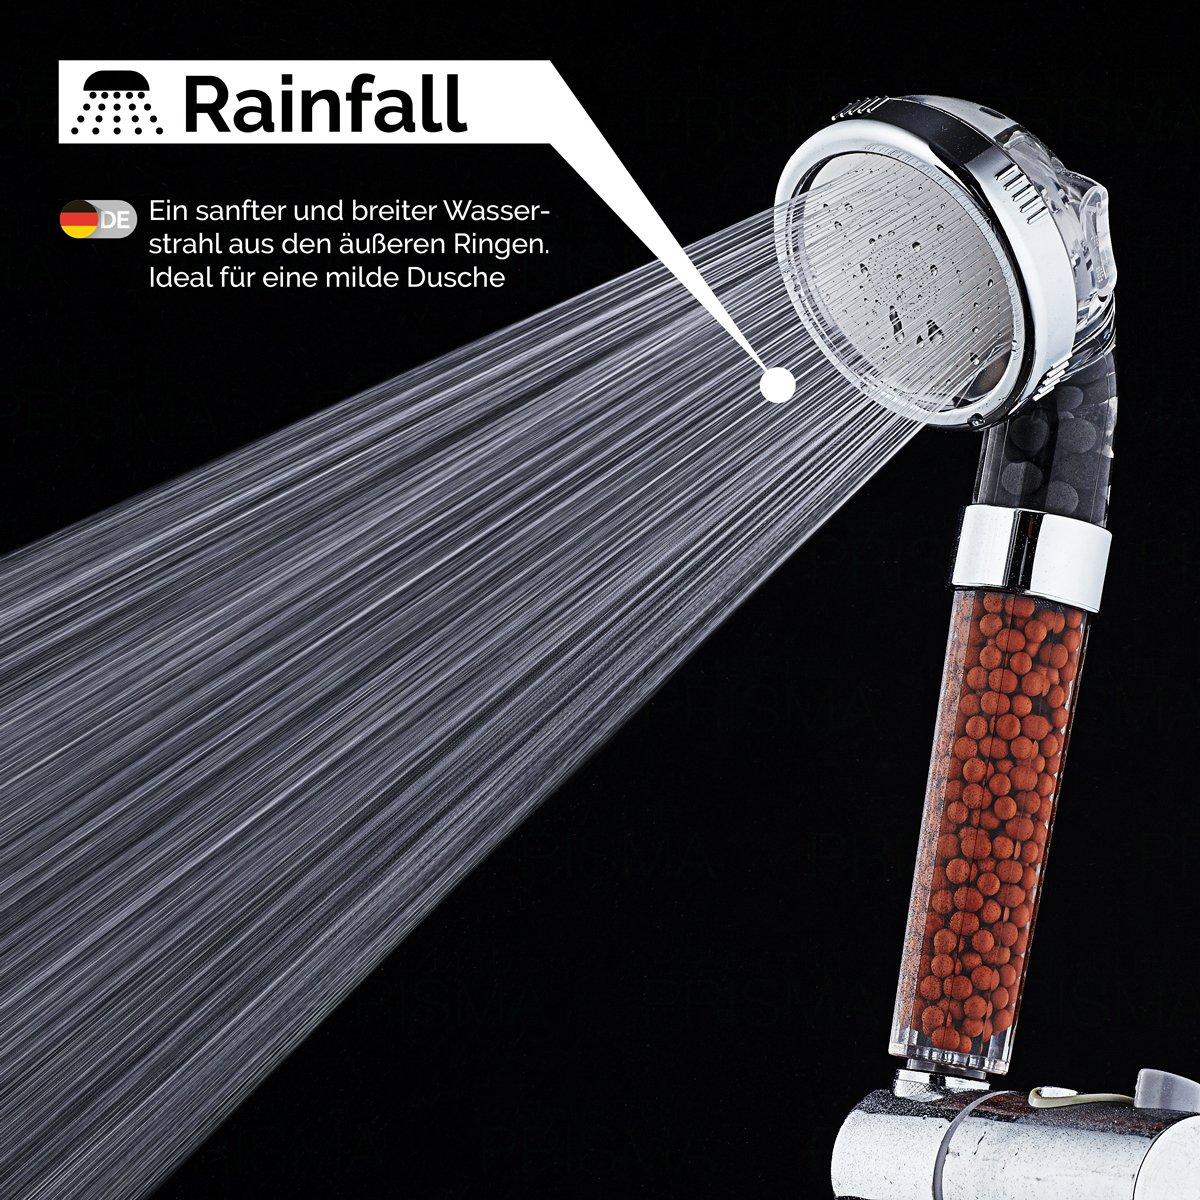 PRISMA® Premium Duschkopf Handbrause wassersparend mit Druckerhöhung für mehr Wasserdruck - Brausekopf für Niederdruck geeignet - Regendusche und Massage Funktion - Mit Kalkfilter und Ionenfilter